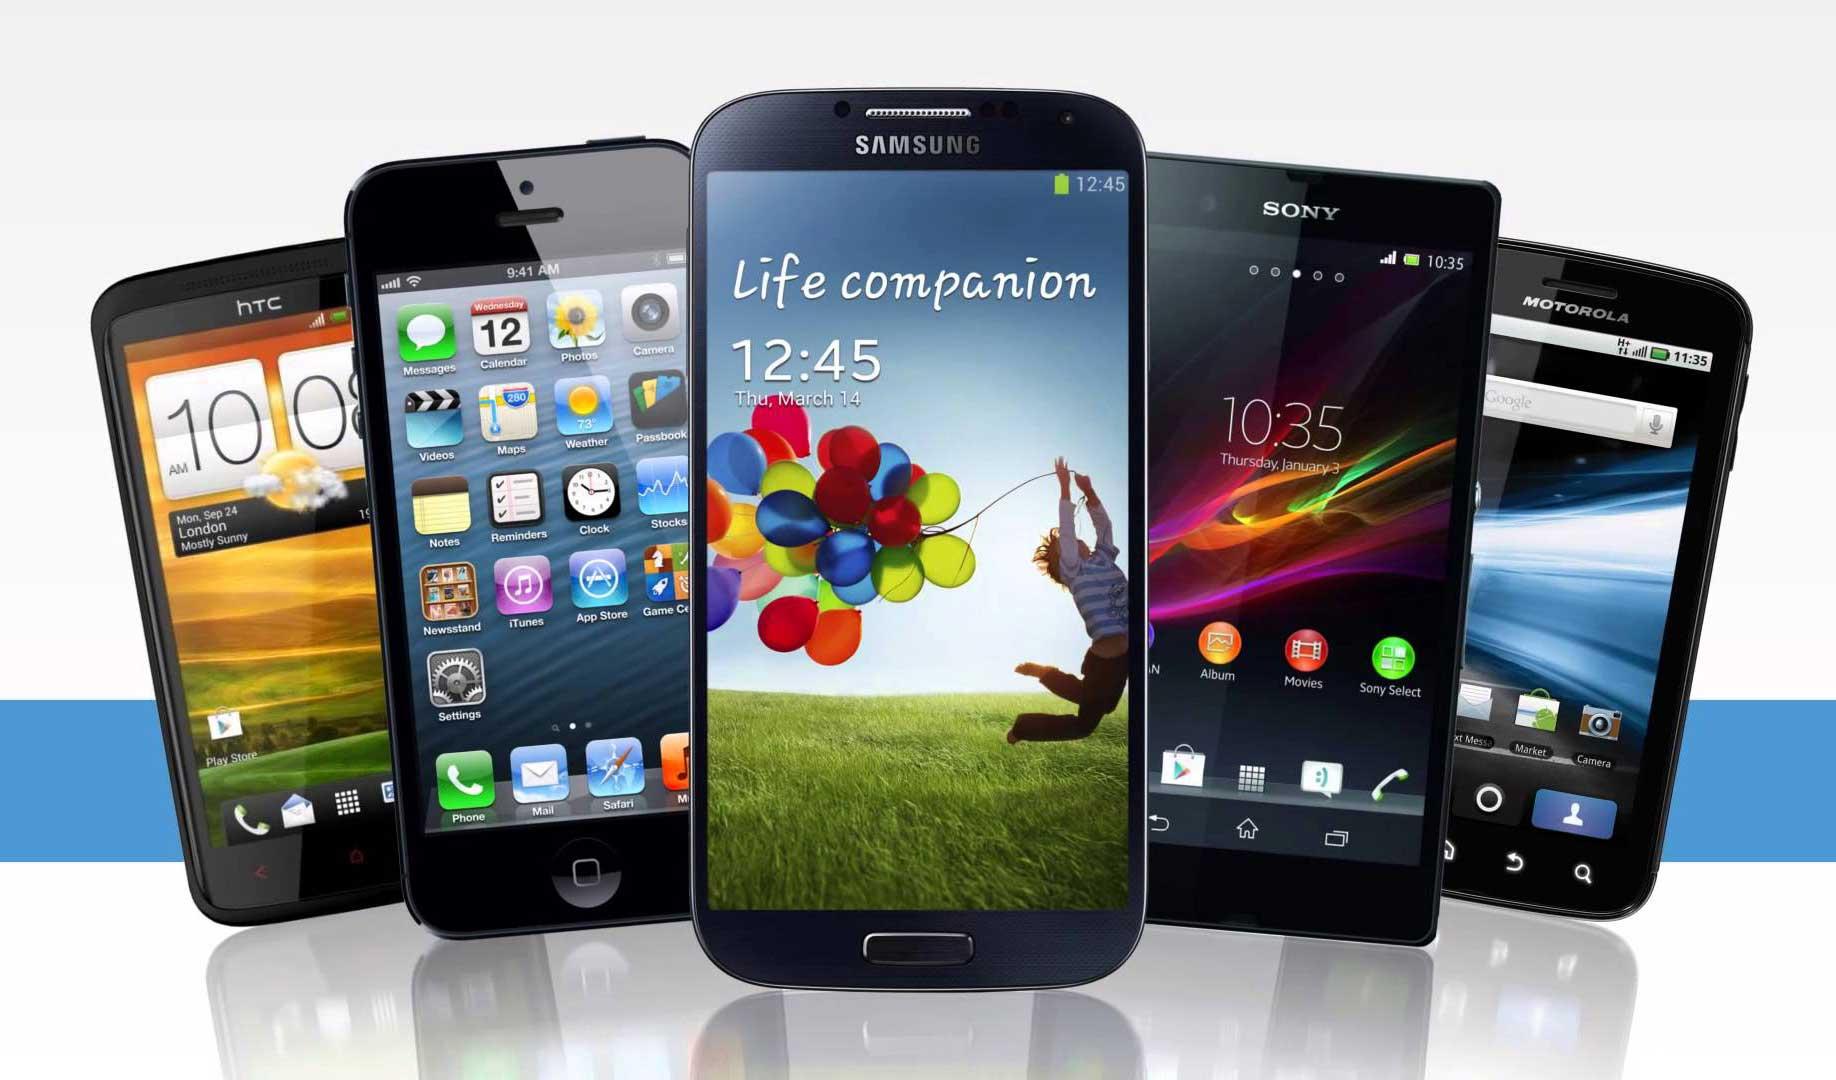 وزیر ارتباطات: پروژه رجیستری تلفنهای همراه ادامه دارد